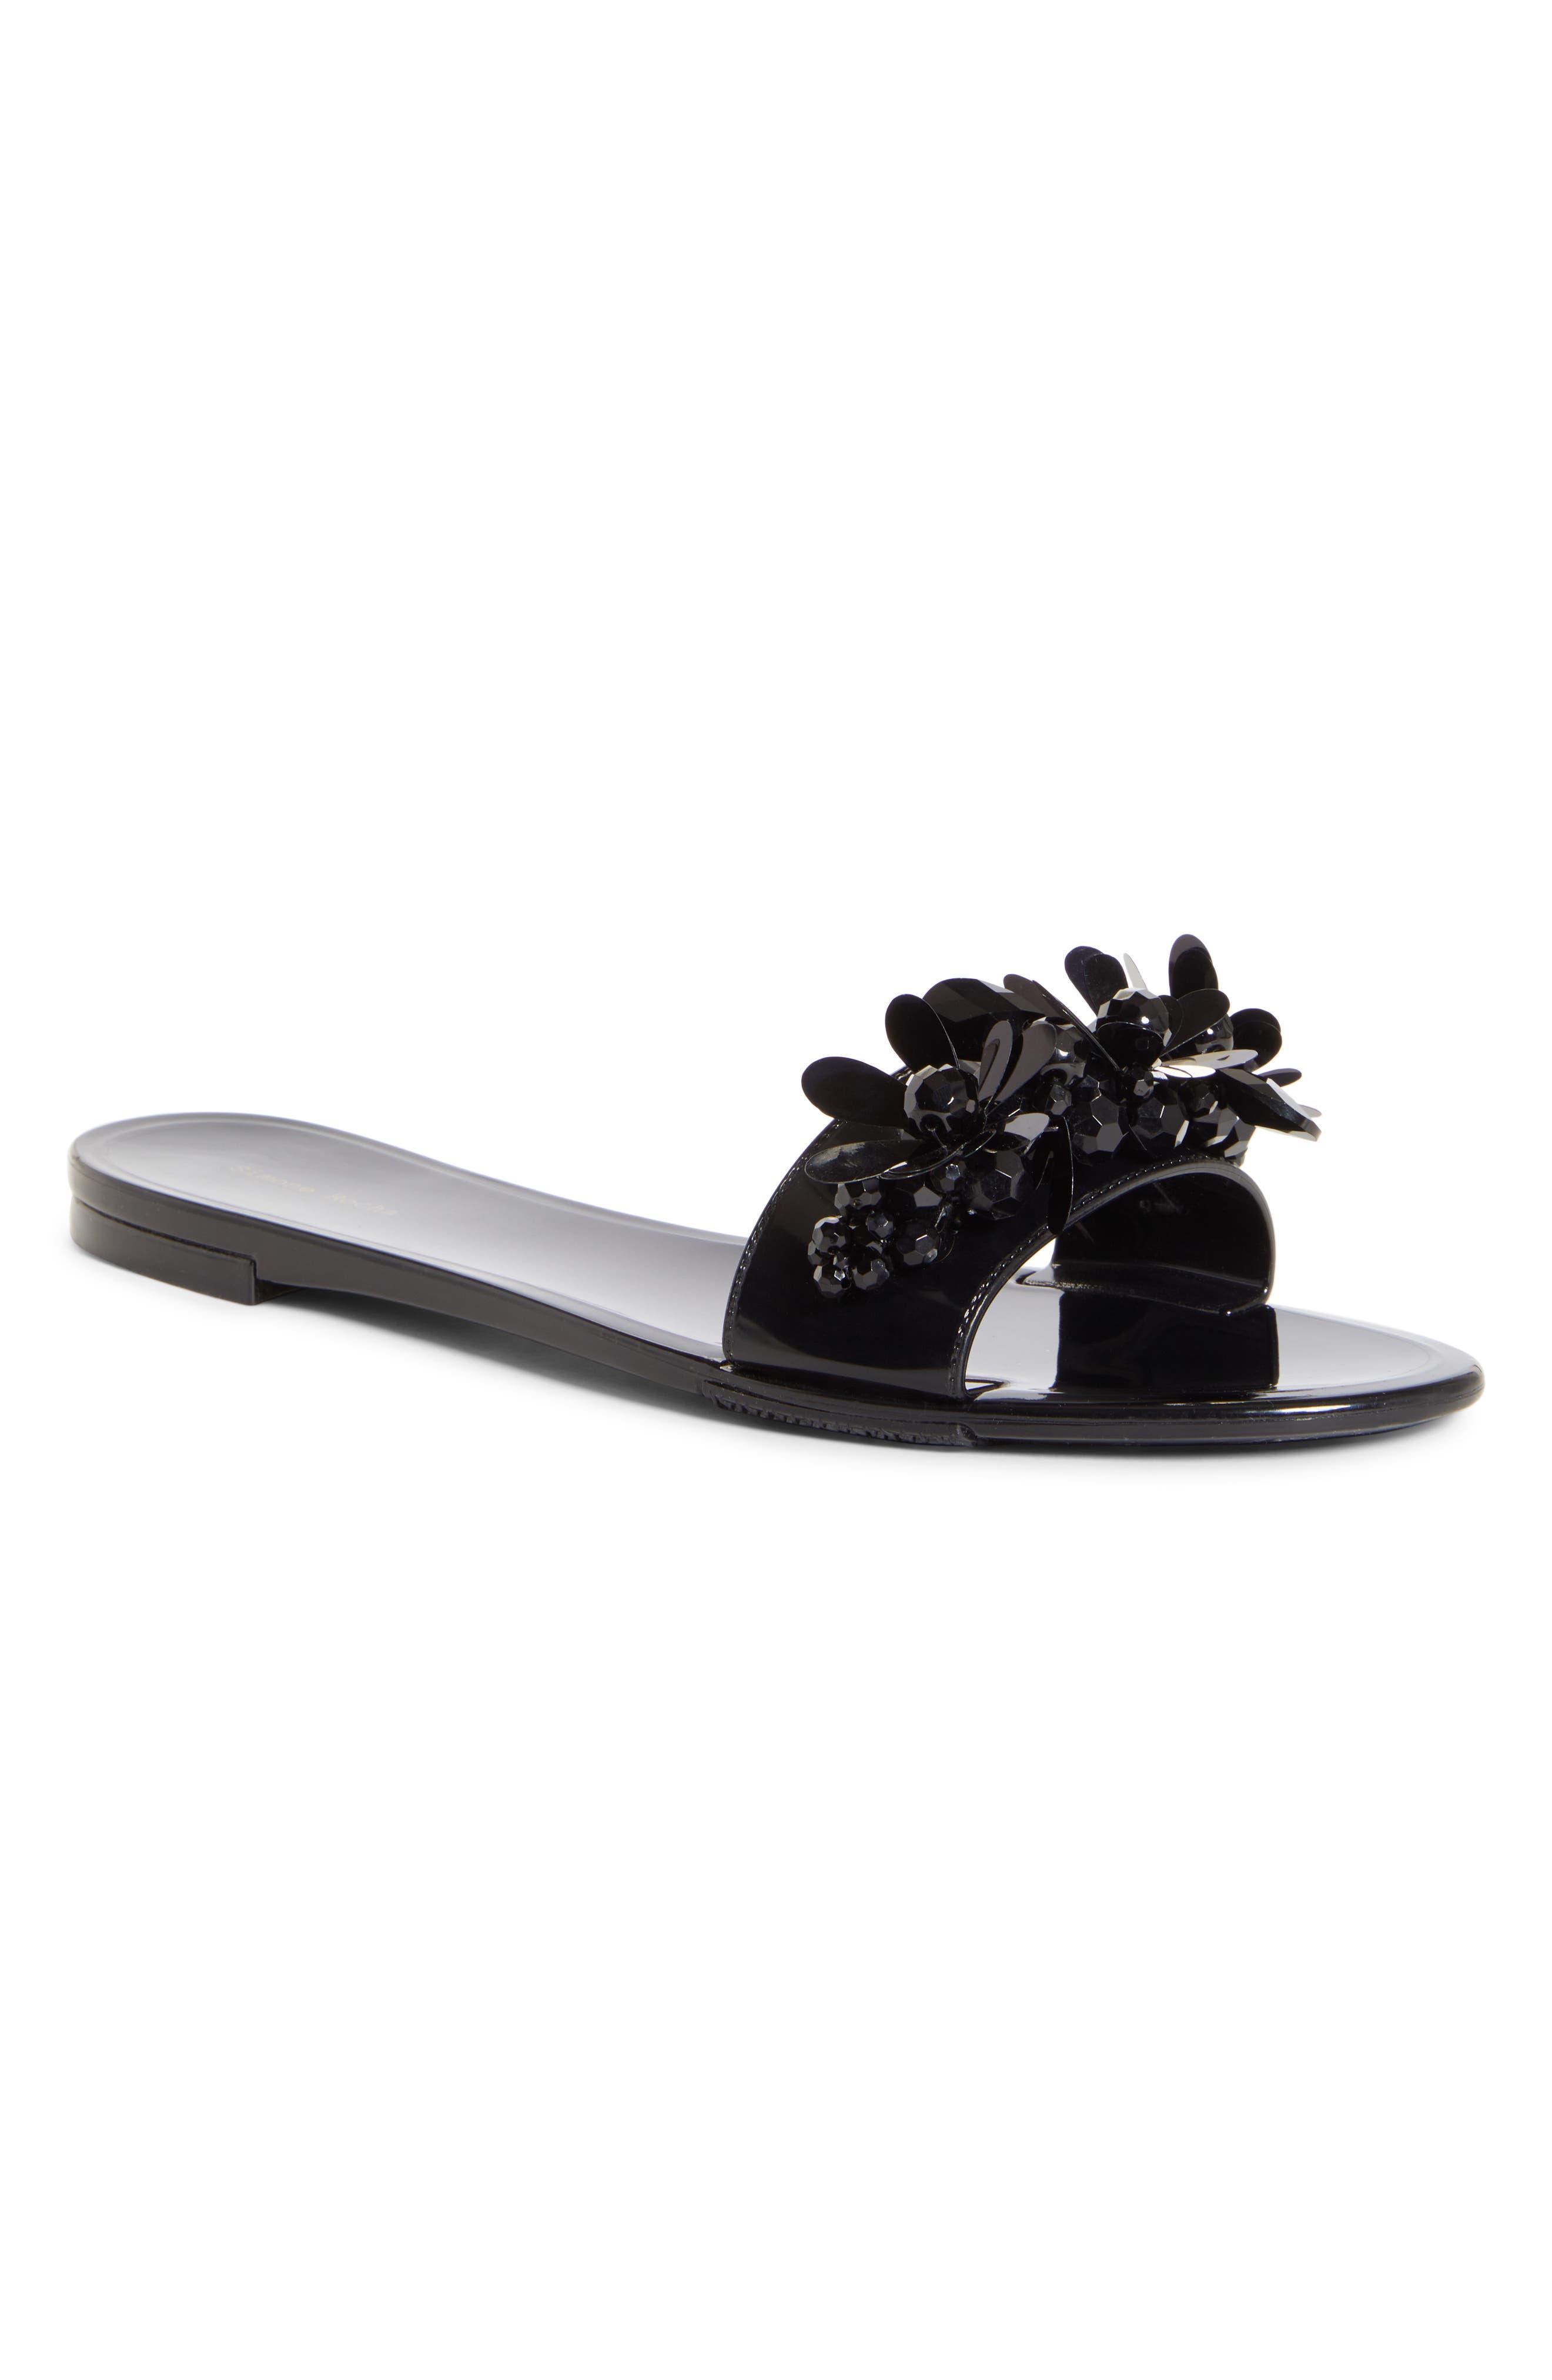 Simone Rocha Embellished Jelly Slide Sandal, Black